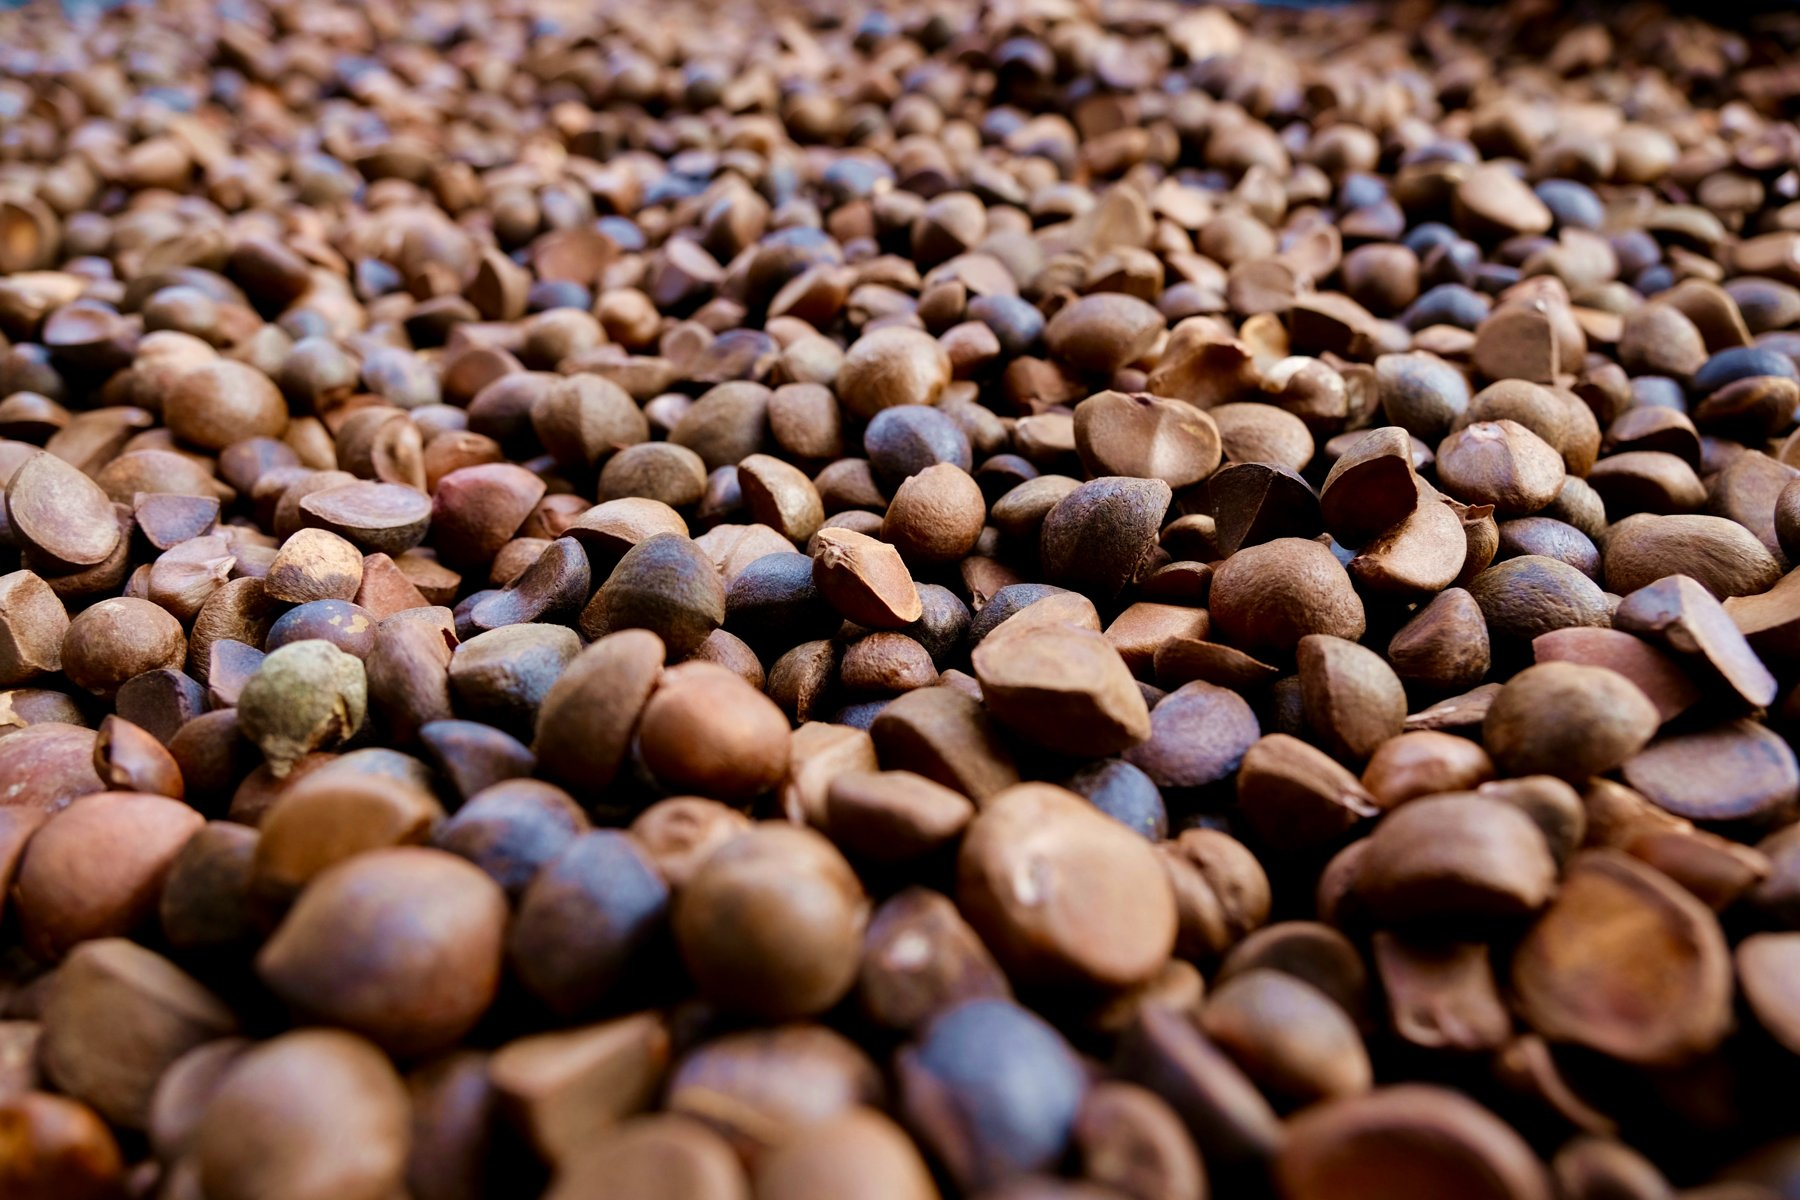 苦茶籽必須用人工剝殼,極為費工(攝影/蔡佳珊)